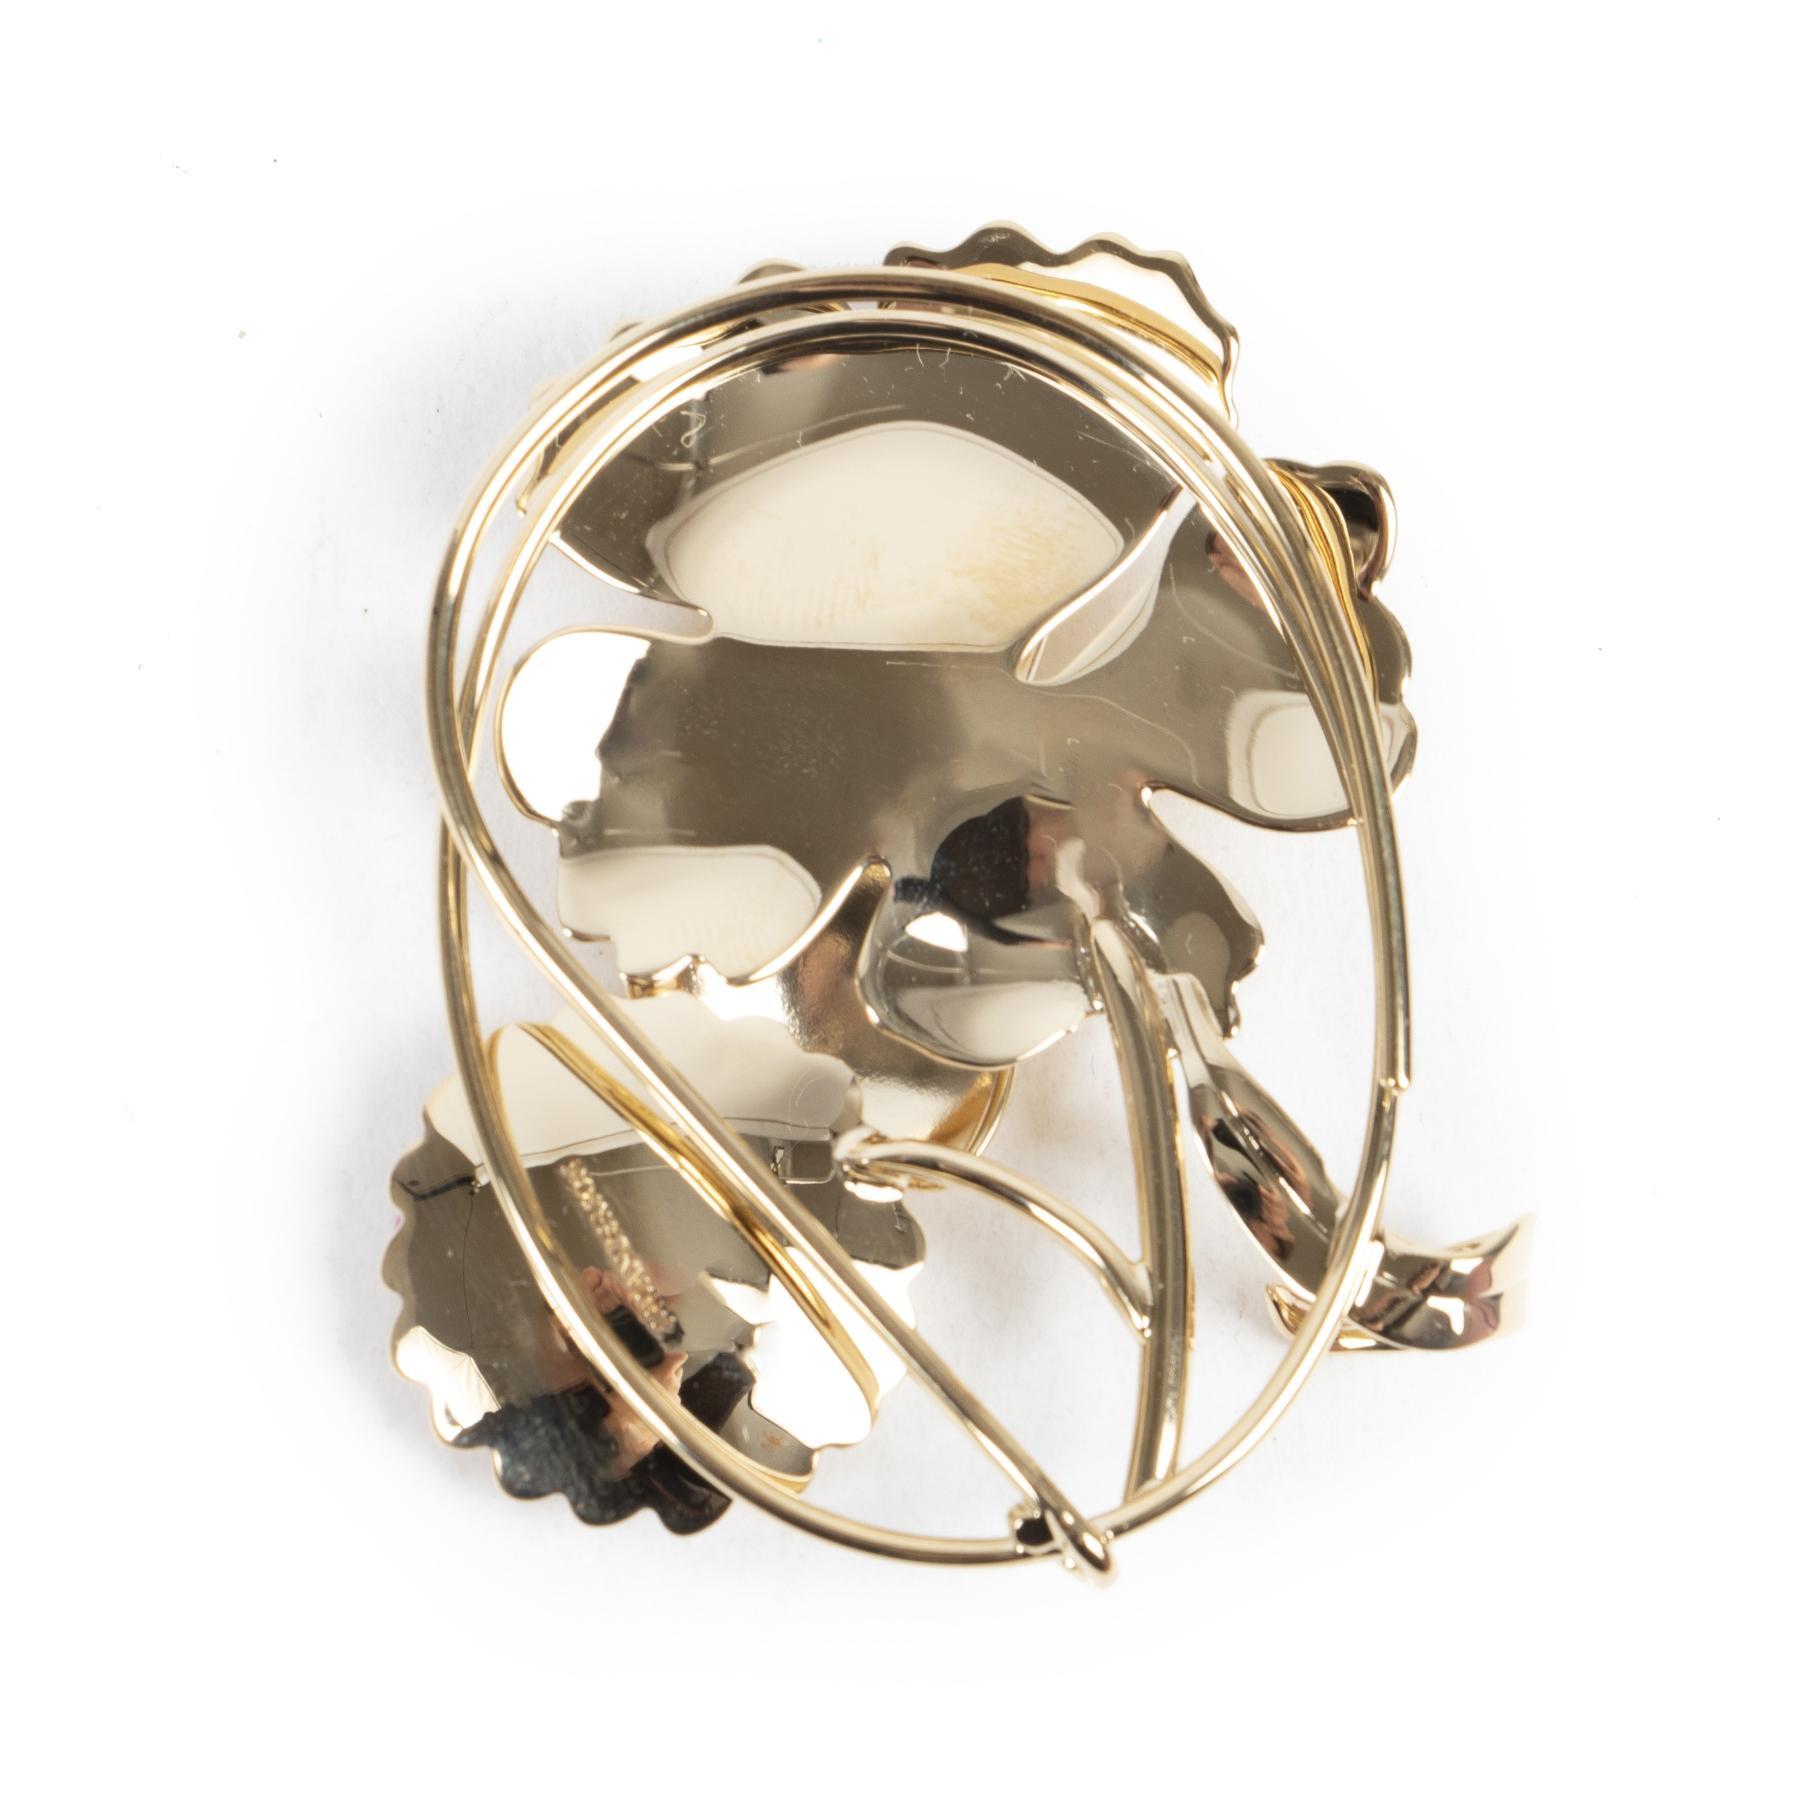 Authentieke Tweedehands J.W. Anderson Golden Daisy Floral Earpiece juiste prijs veilig online shoppen luxe merken webshop winkelen Antwerpen België mode fashion